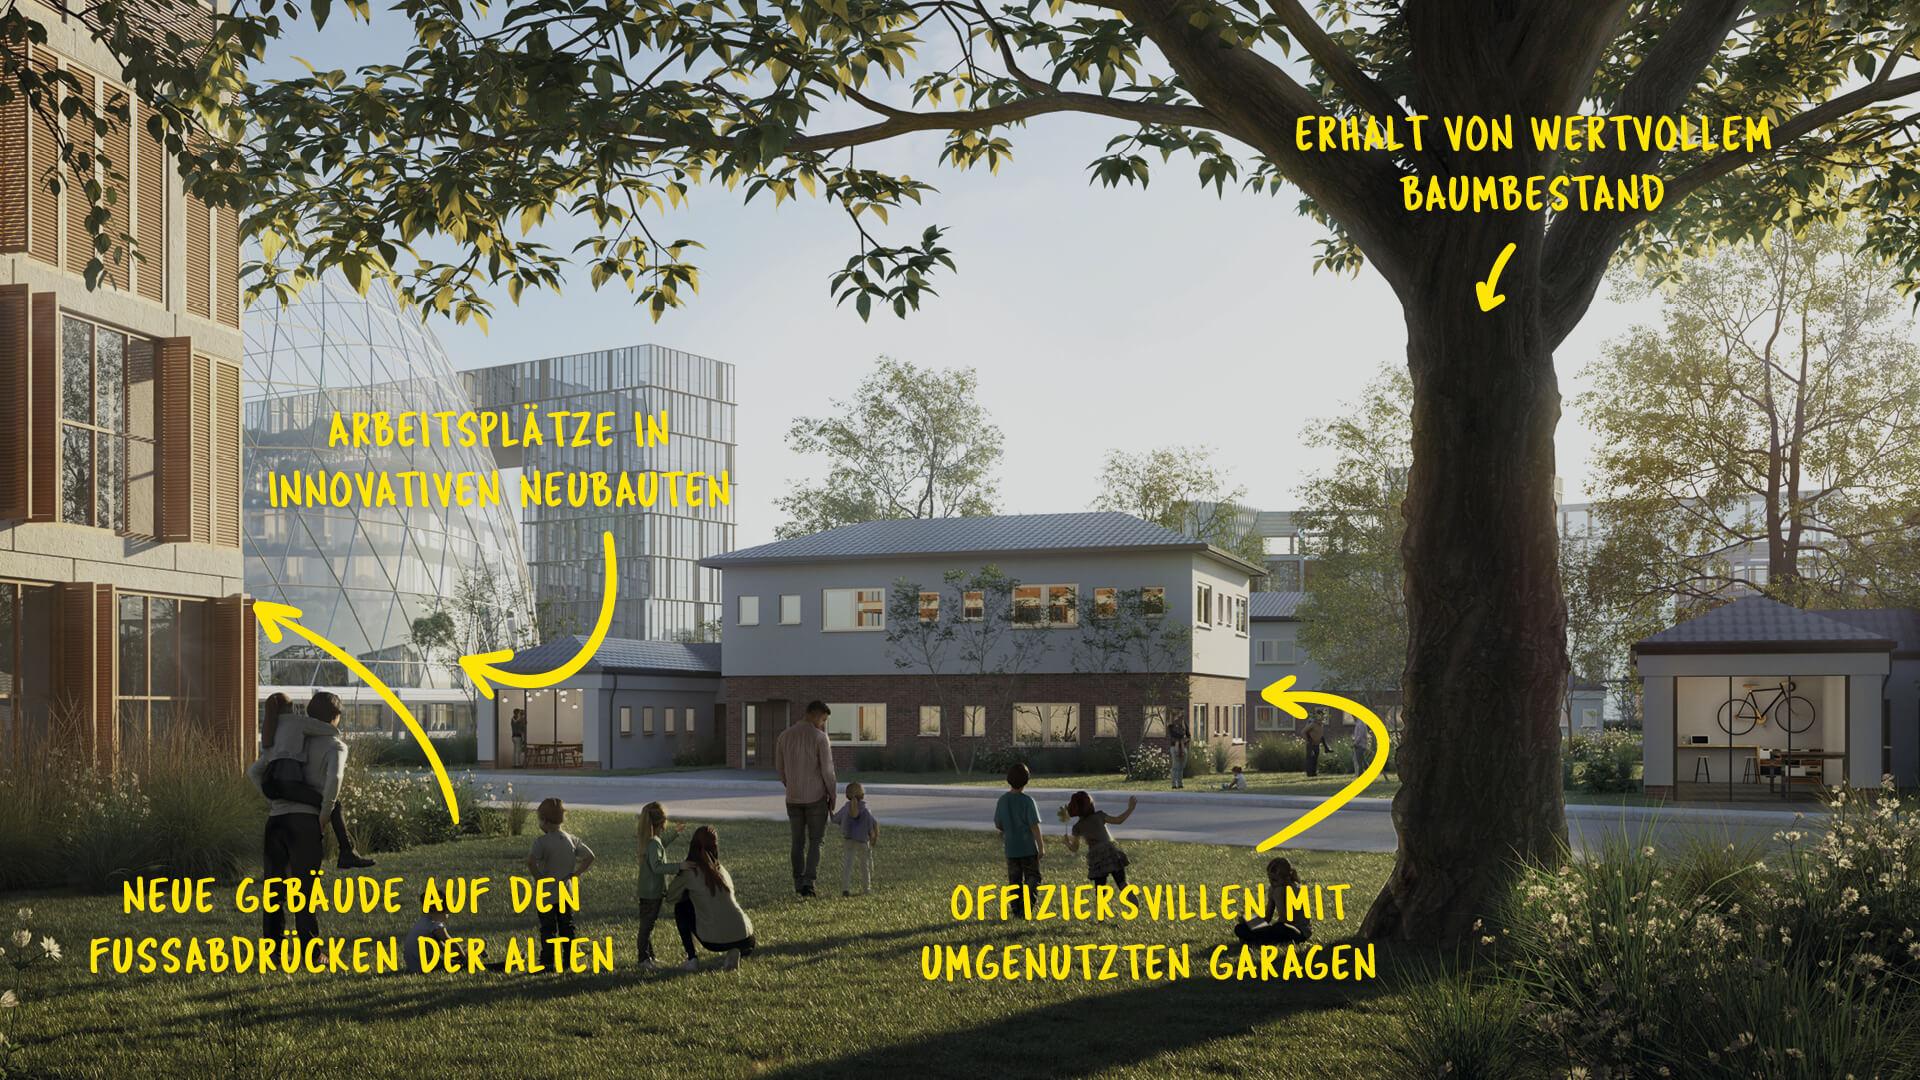 Die Offiziersvillen im Norden sollen weiter genutzt werden, der Baumbestand erhalten bleiben. © KCAP